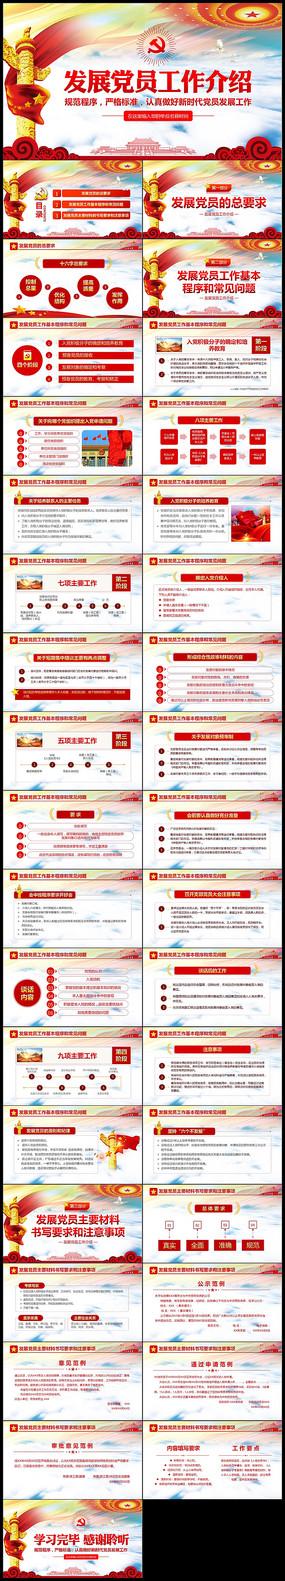 党员发展工作手册入党流程工作介绍ppt